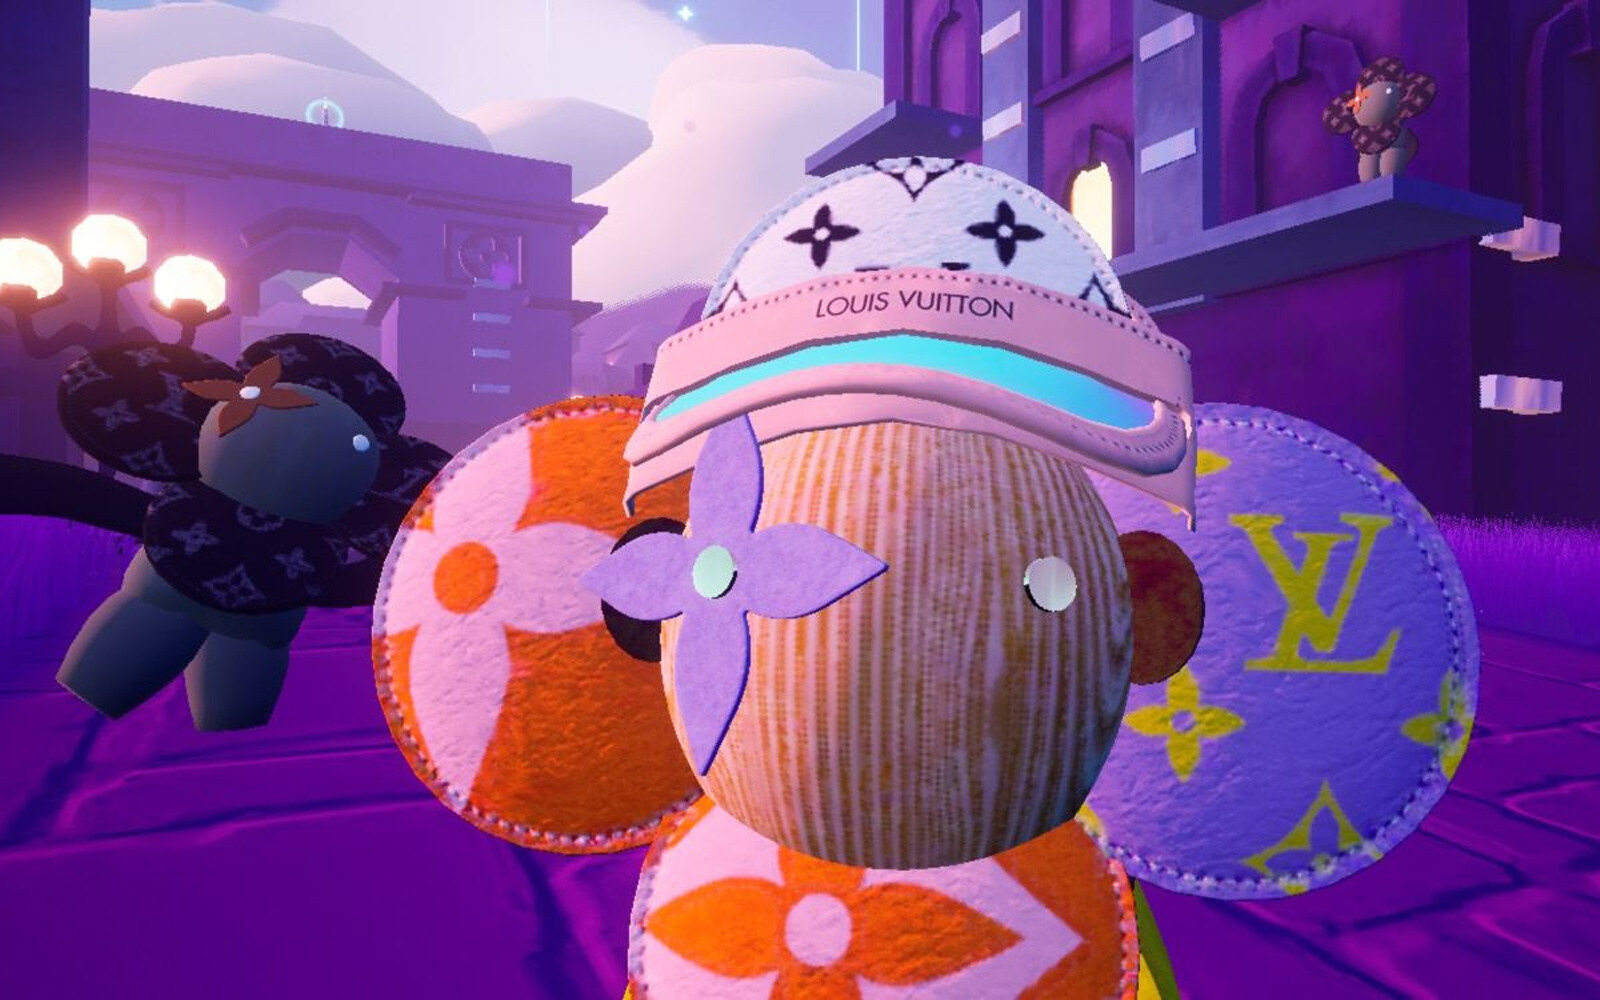 Louis Vuitton Louis: The Game mobile videogame